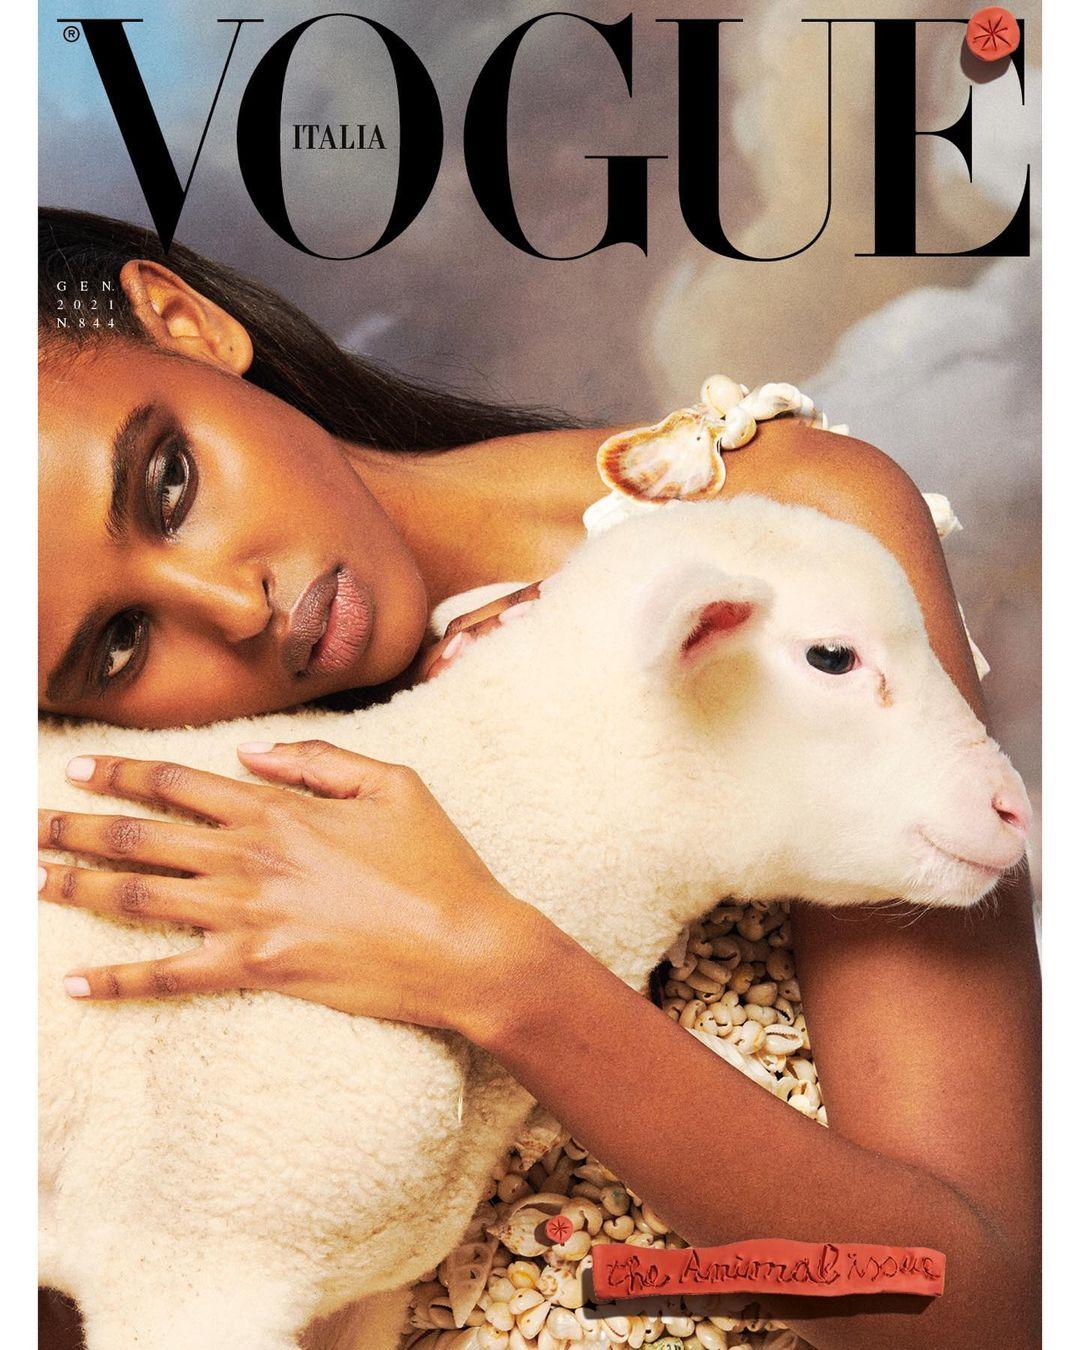 Vogue Italia 7